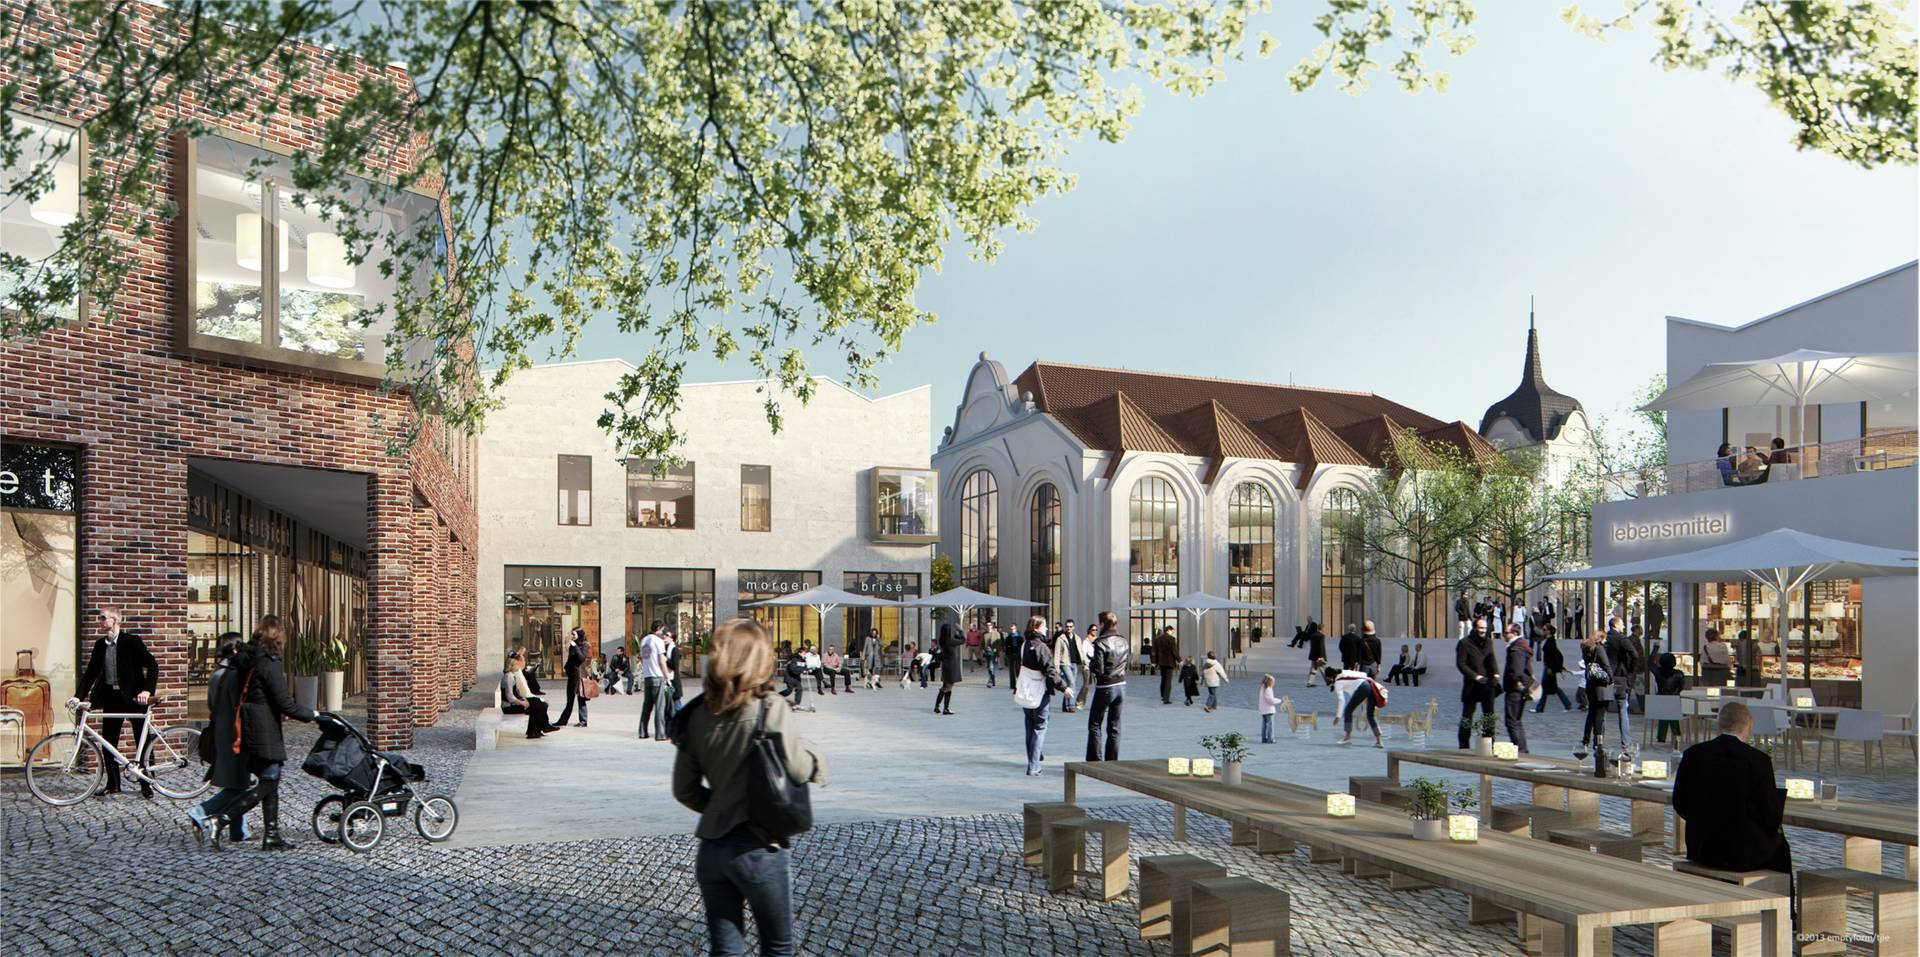 Nach langer Diskussion steht fest: Das Offenburger Einkaufszentrum kommt. So soll es einmal aussehen.